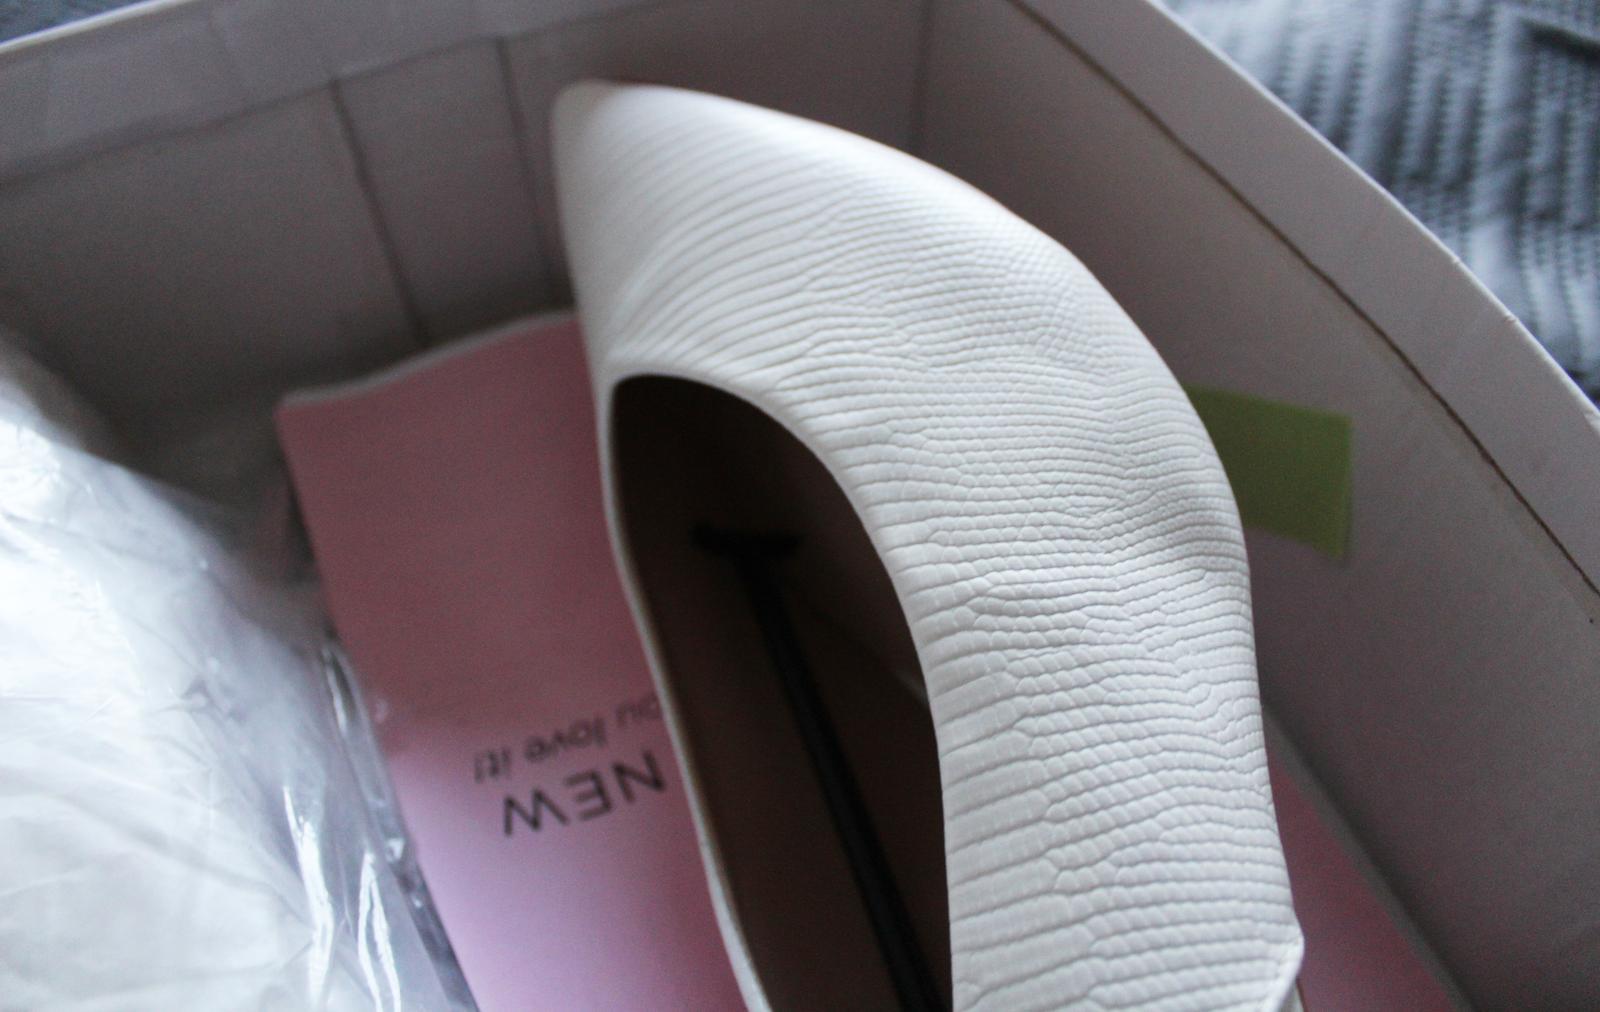 Svadobné topánky veľkosť 41-42 - Obrázok č. 4